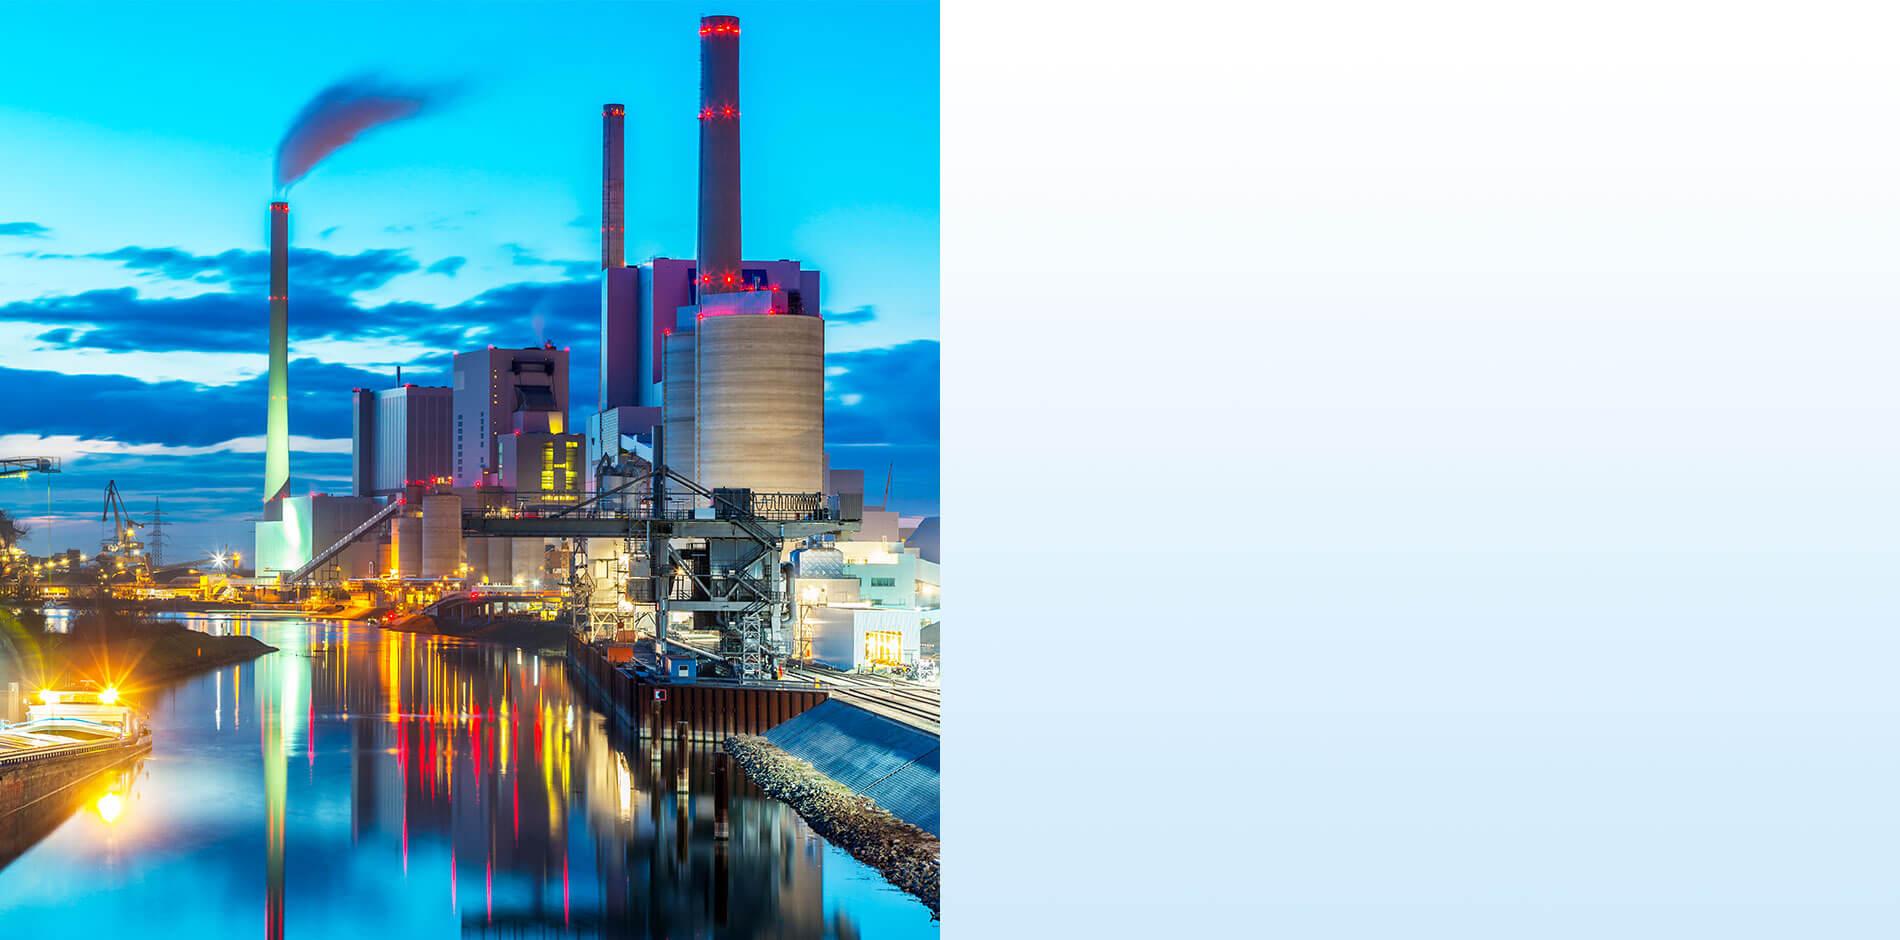 बिजली केन्द्रों और औद्योगिक अनुप्रयोगों में ऊर्जा और पानी की दक्षता को अधिकतम करना